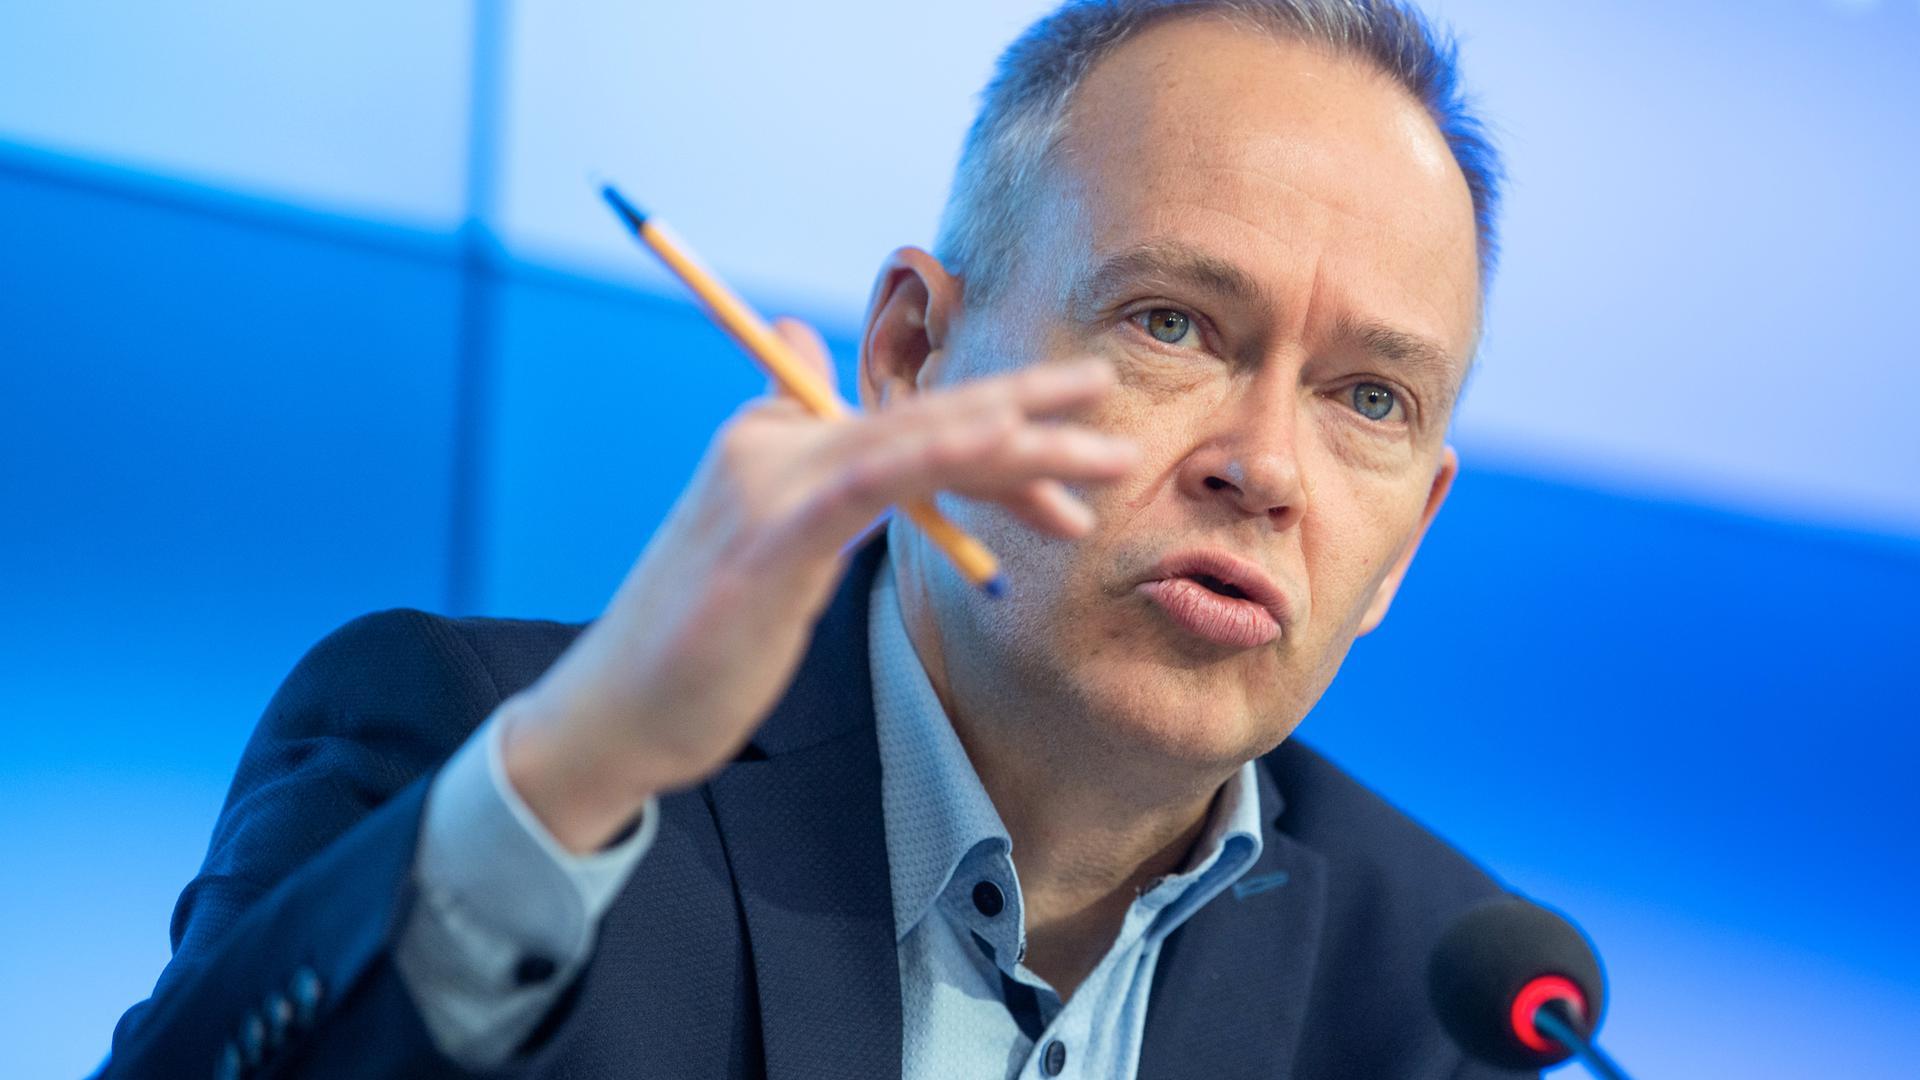 """Grundrecht: Stefan Brink, Baden-Württembergs Landesbeauftragter für Datenschutz und Informationsfreiheit, will verhindern, dass der Datenschutz """"untergepflügt"""" wird."""